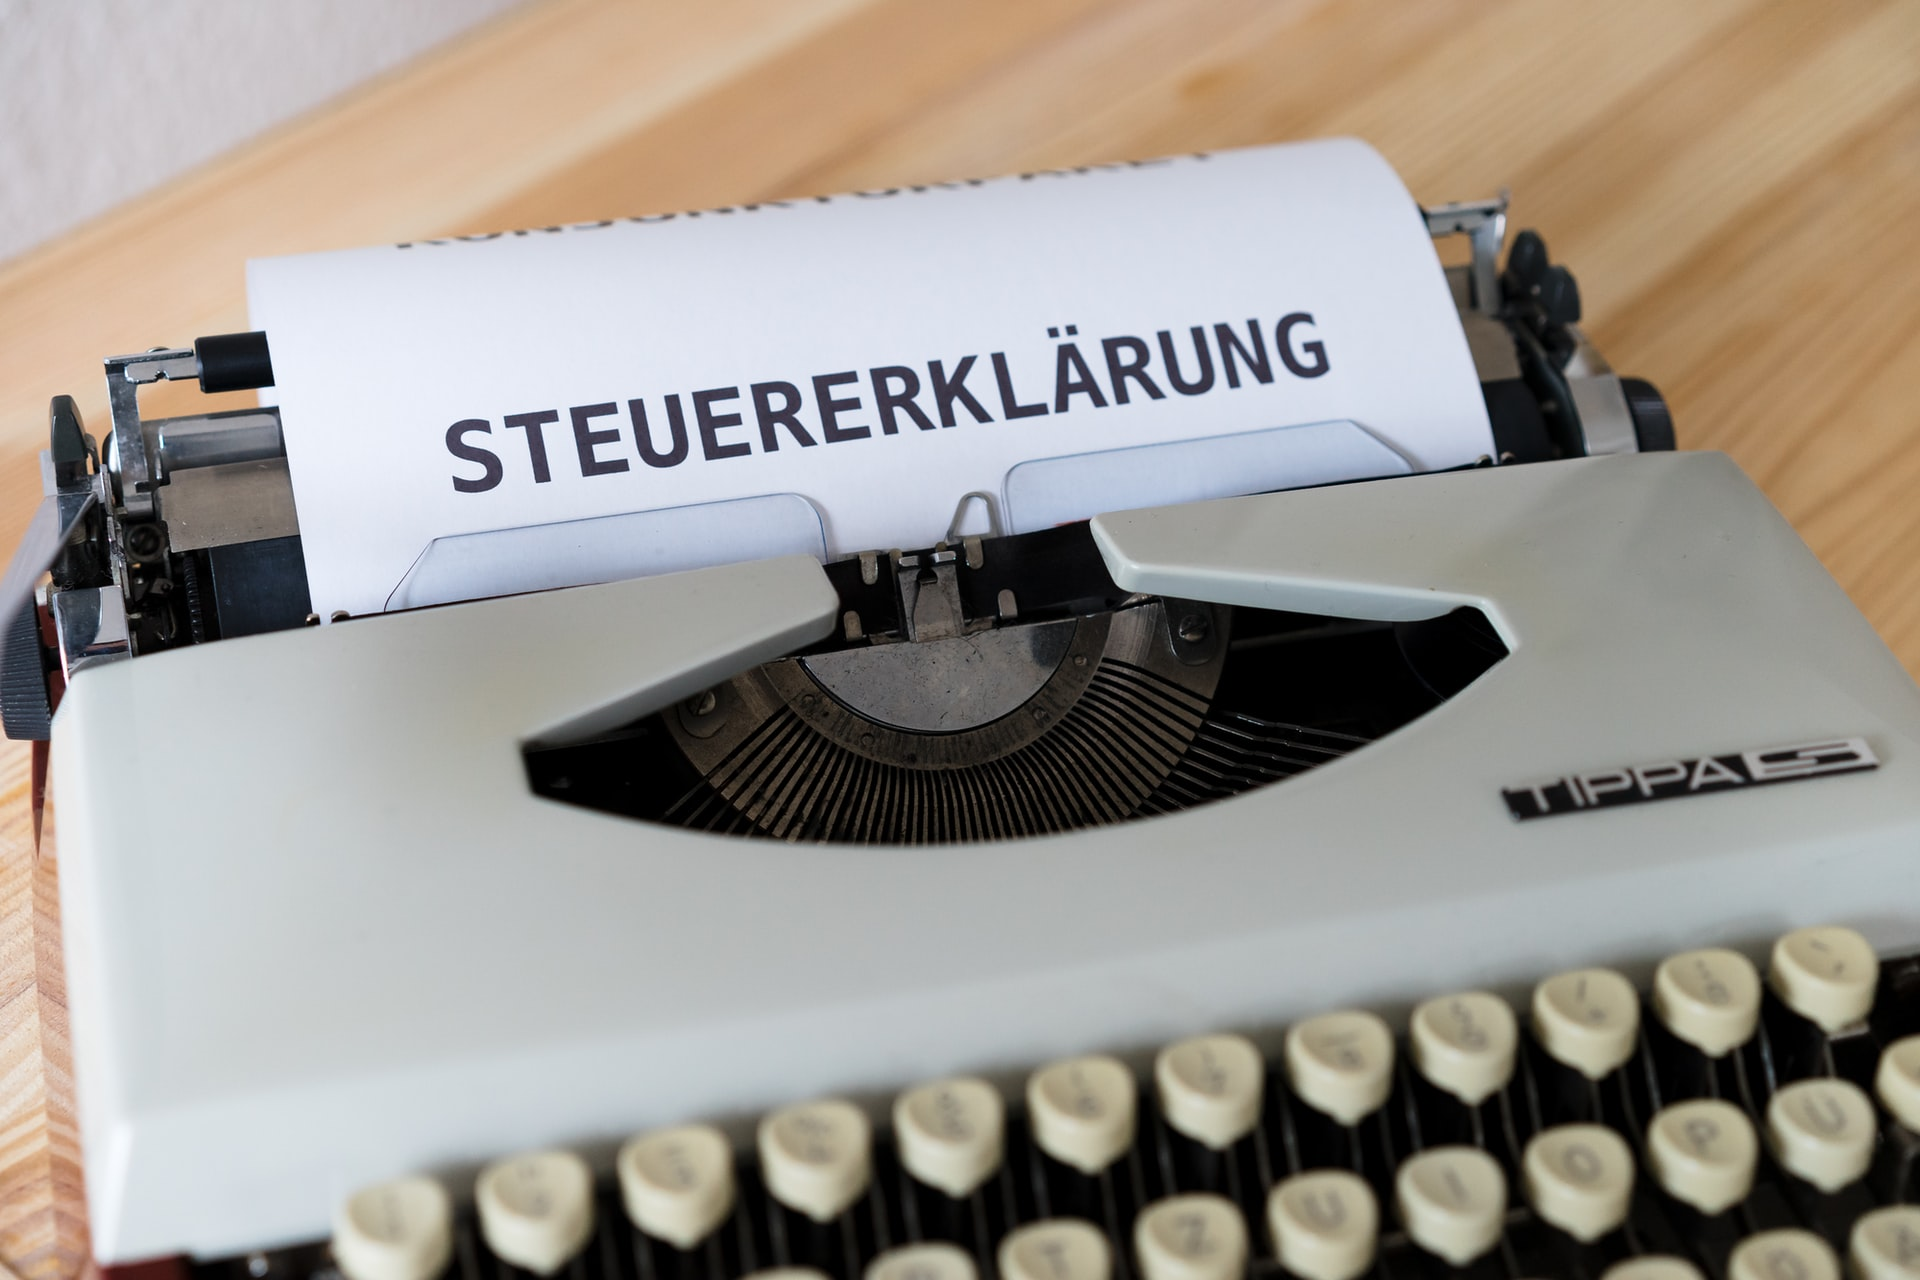 steuerberaterhaftung: Anwalt für Steuerrecht in München